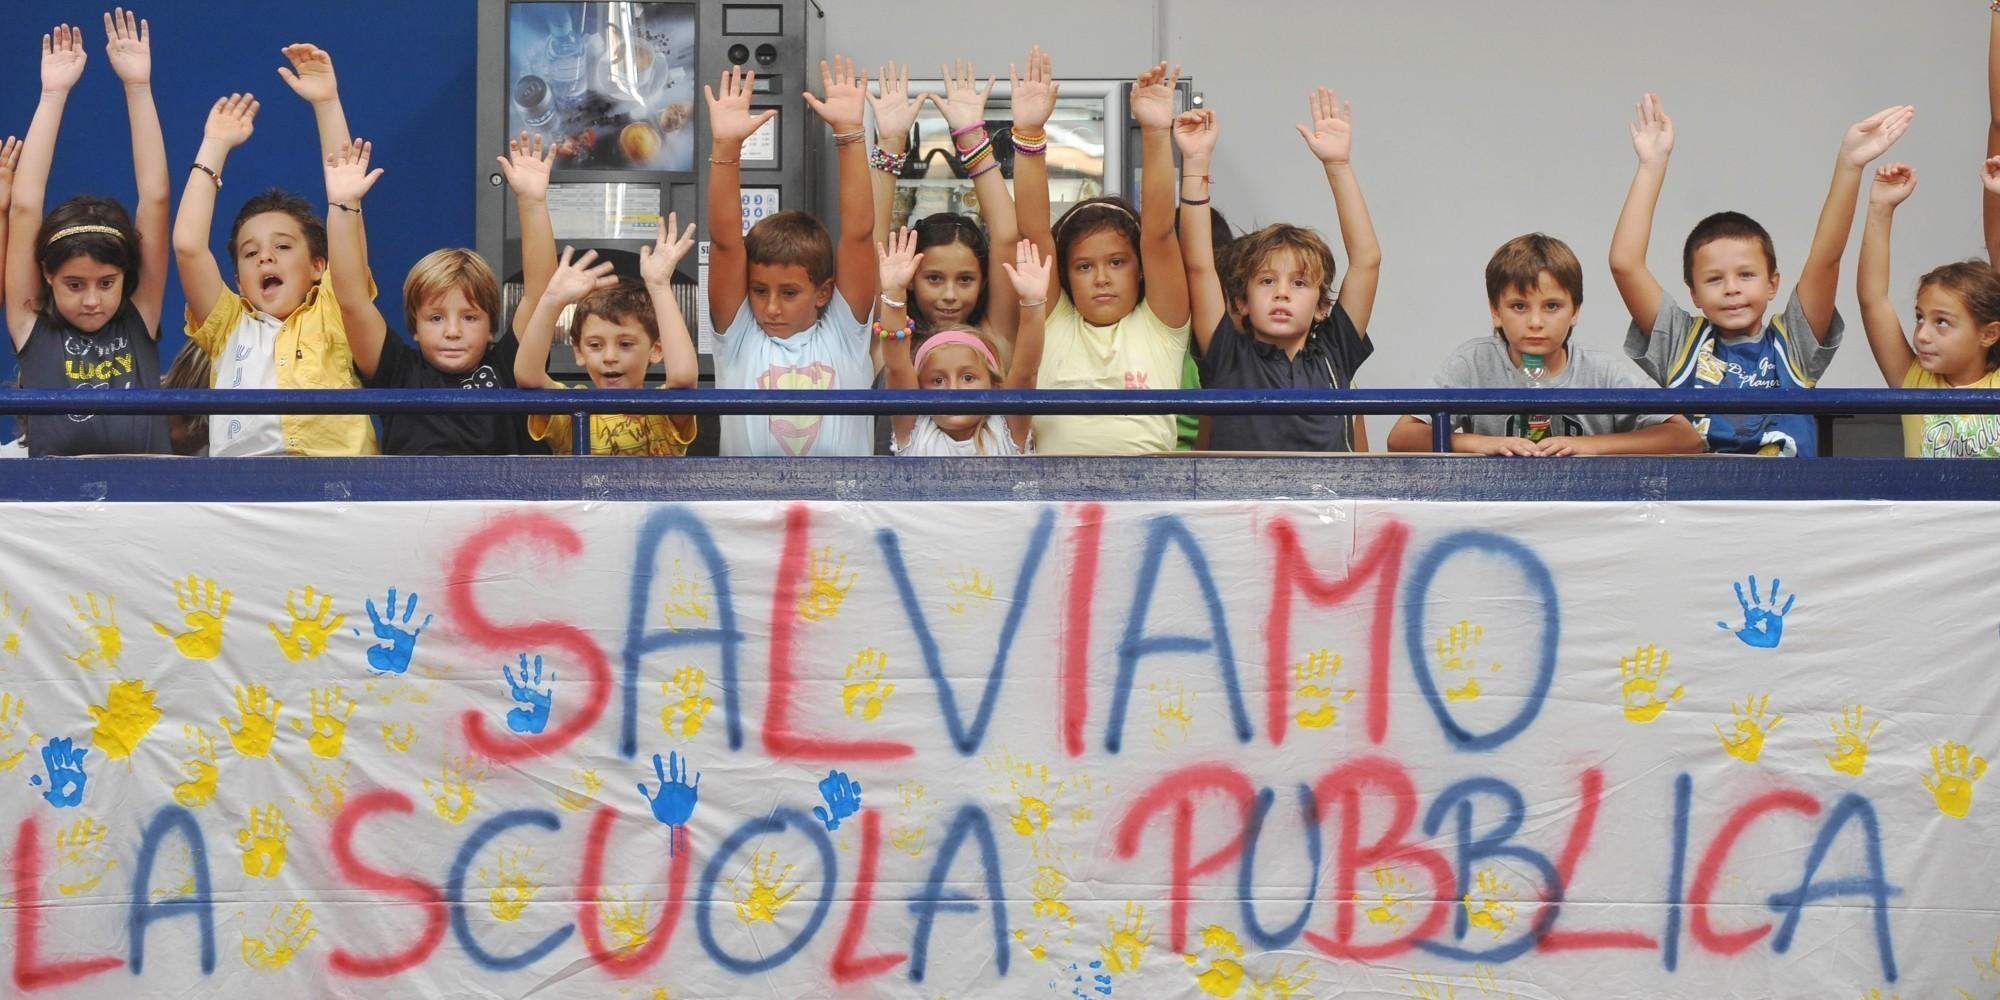 Bambini italiani senza stimoli culturali, con gravi lacune, costretti a stare in scuole inagibili. Il rapporto Save the Children